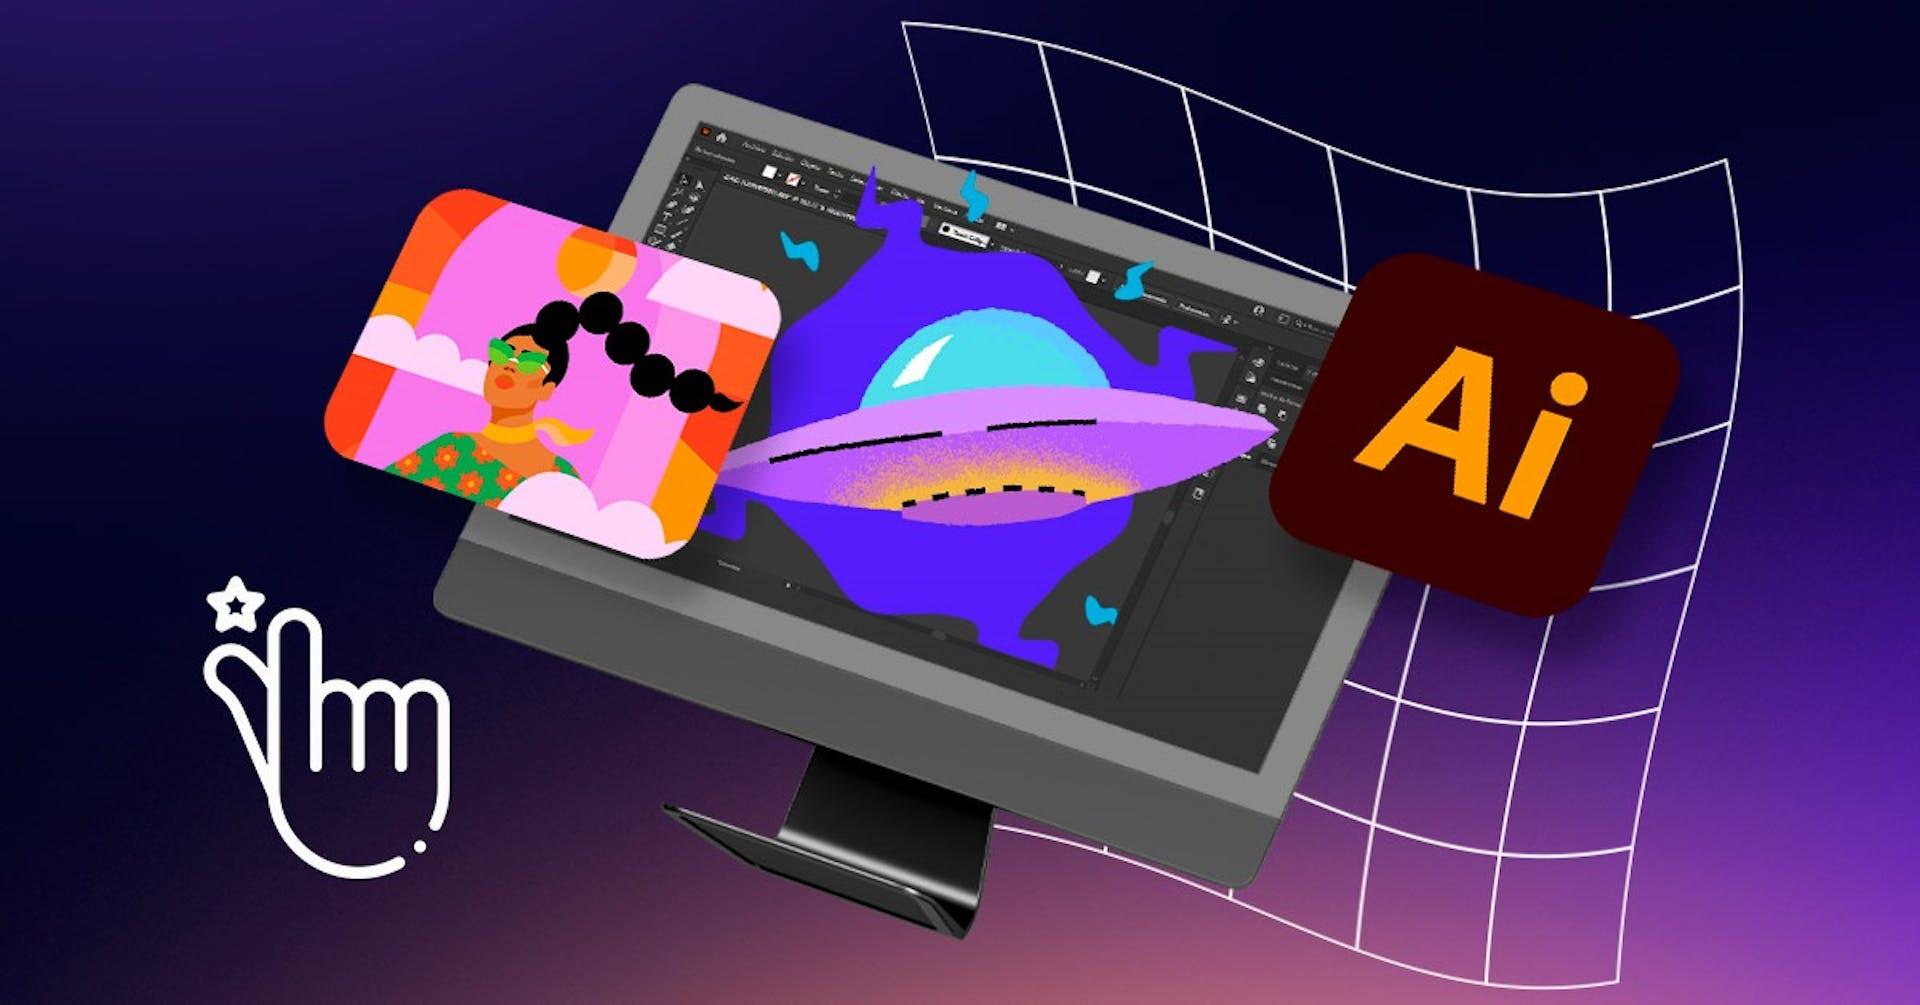 Mejores plugins para Illustrator de 2021: ¡Corre a descargarlos!